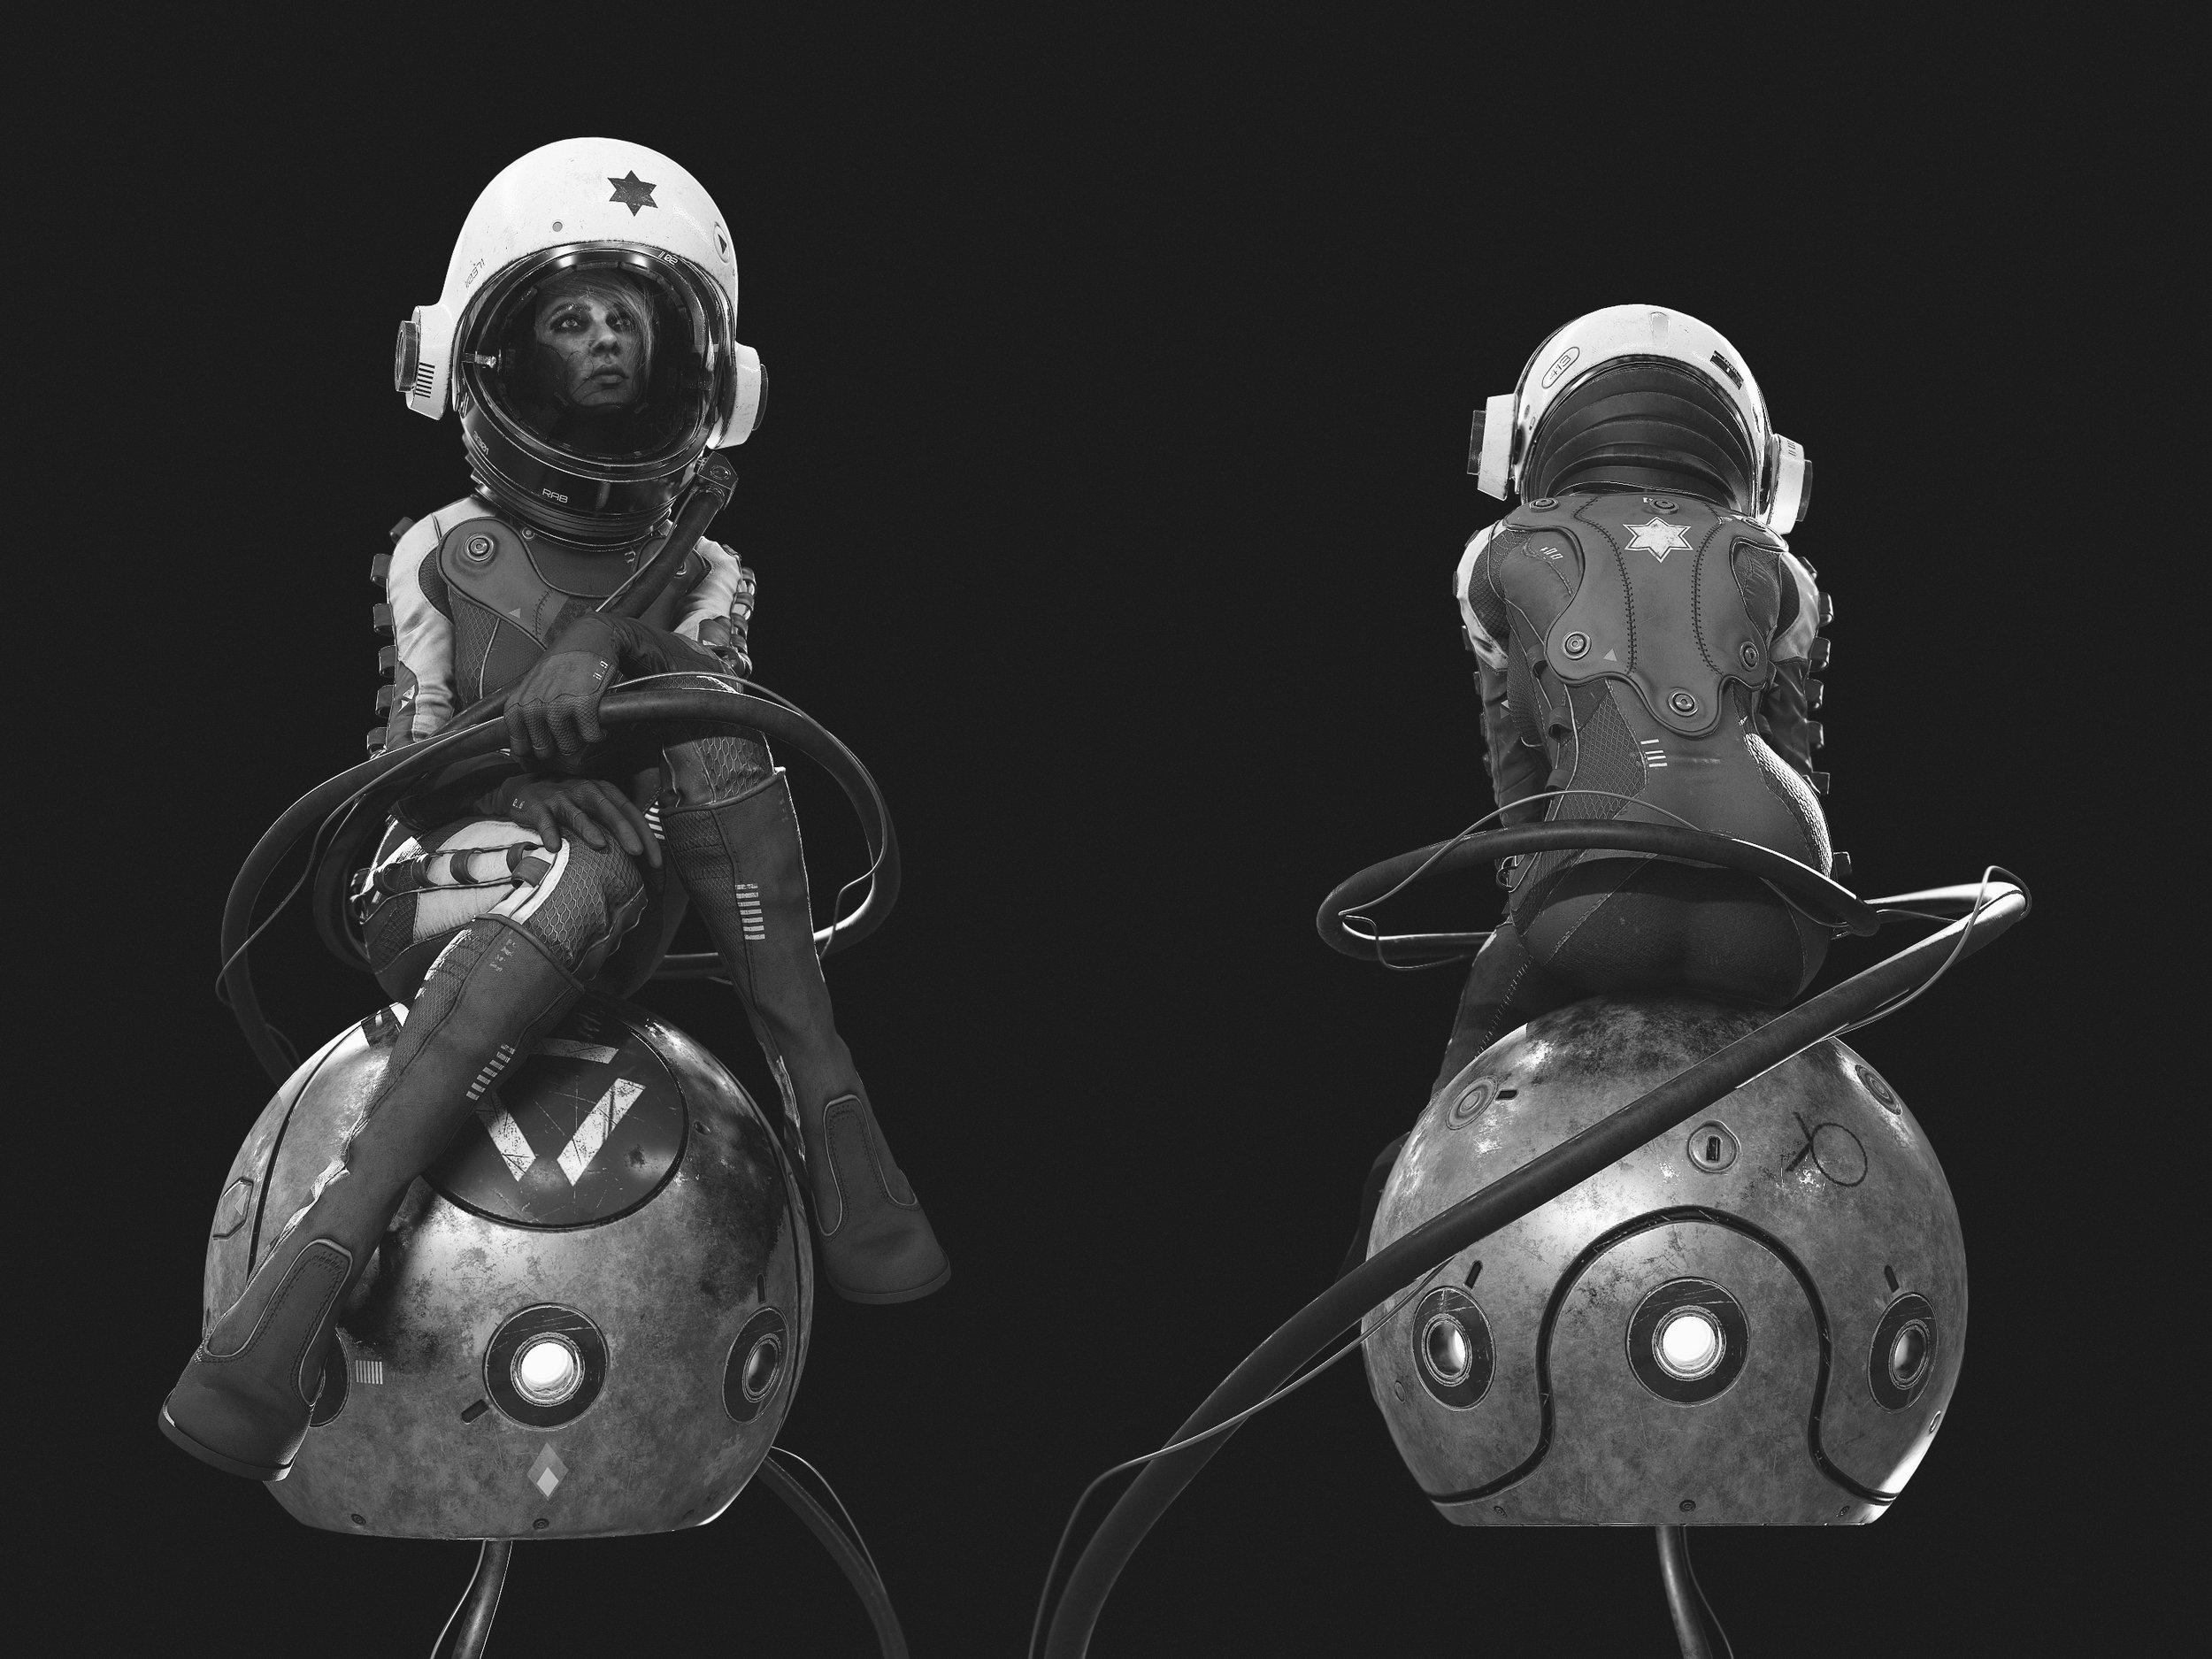 Ryan_Blake_Cosmonaut_Orb Sitting_01_BW.jpg